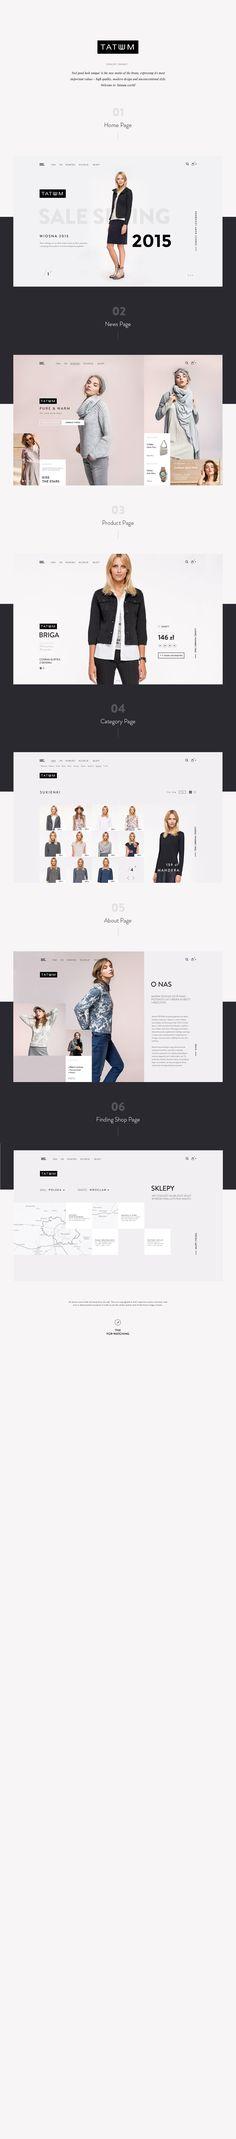 Empieza a ganar dinero con 1Fashion global, el 1º negocio de MLM de Moda. http://cazorlamartinez1.wix.com/cazorla71